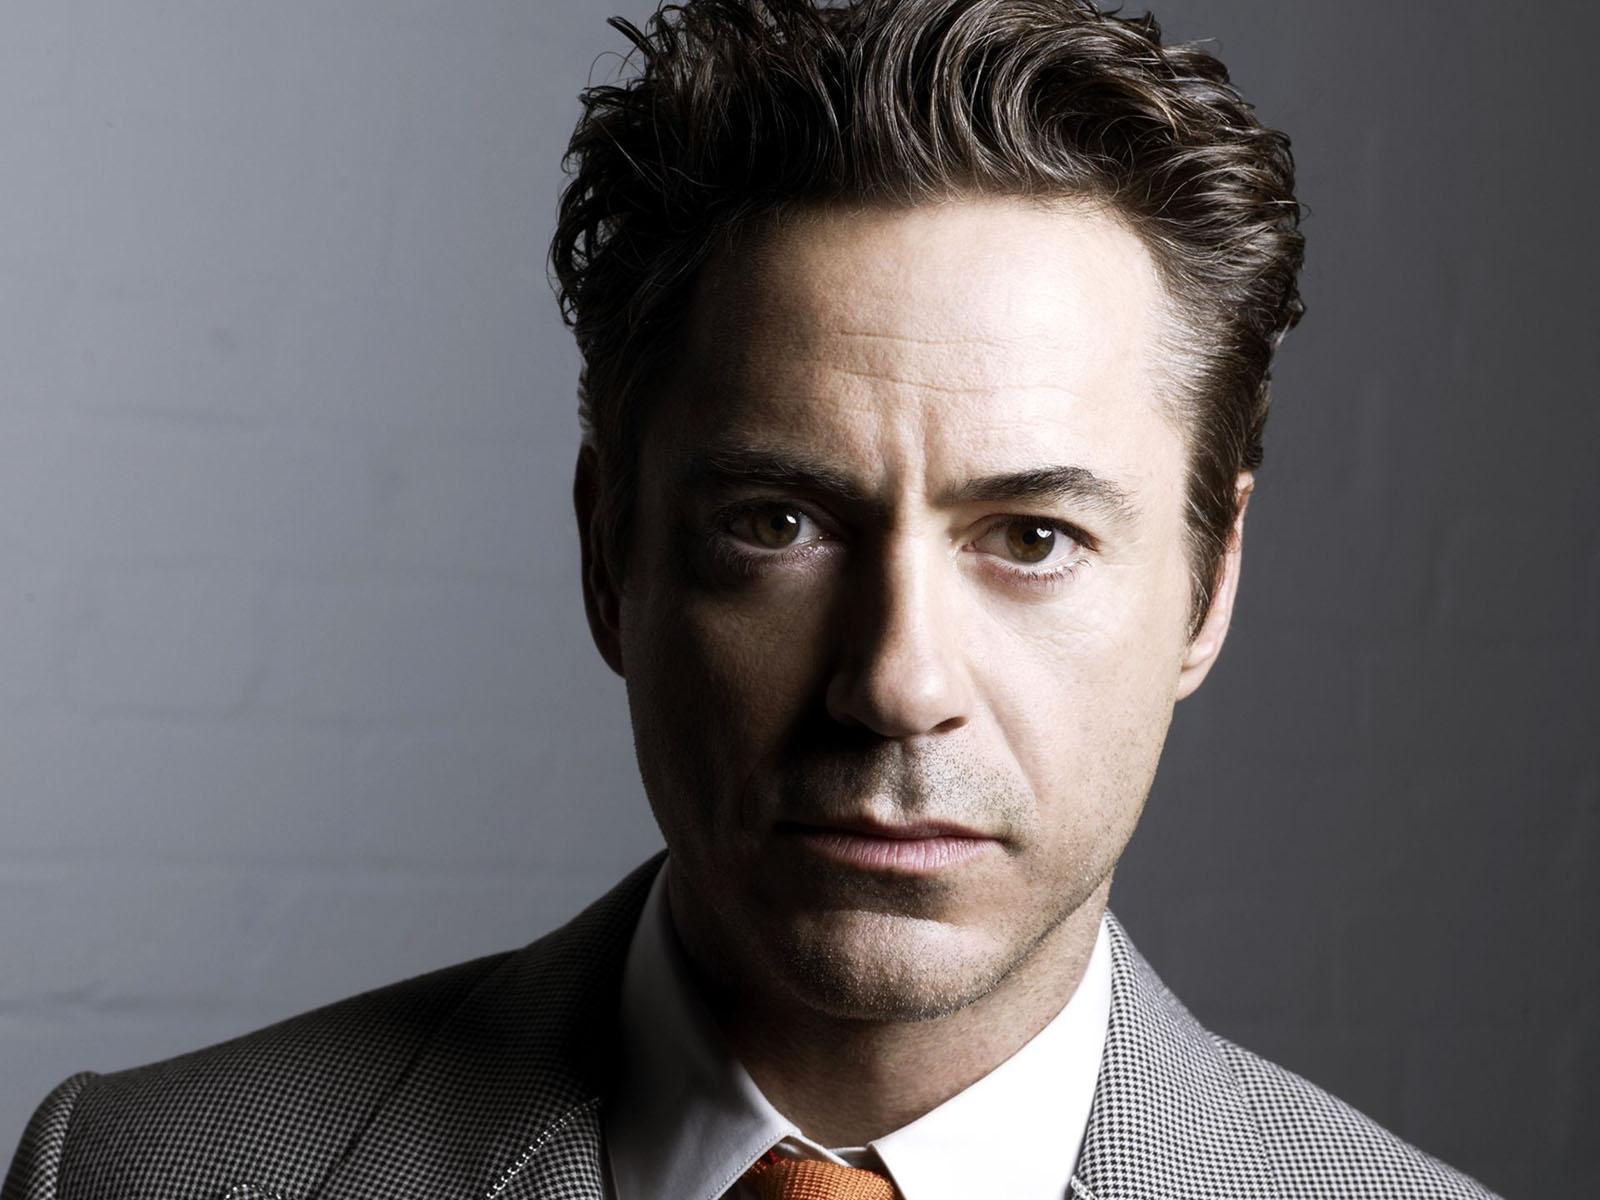 Actor Robert Downey Jr. - age: 52